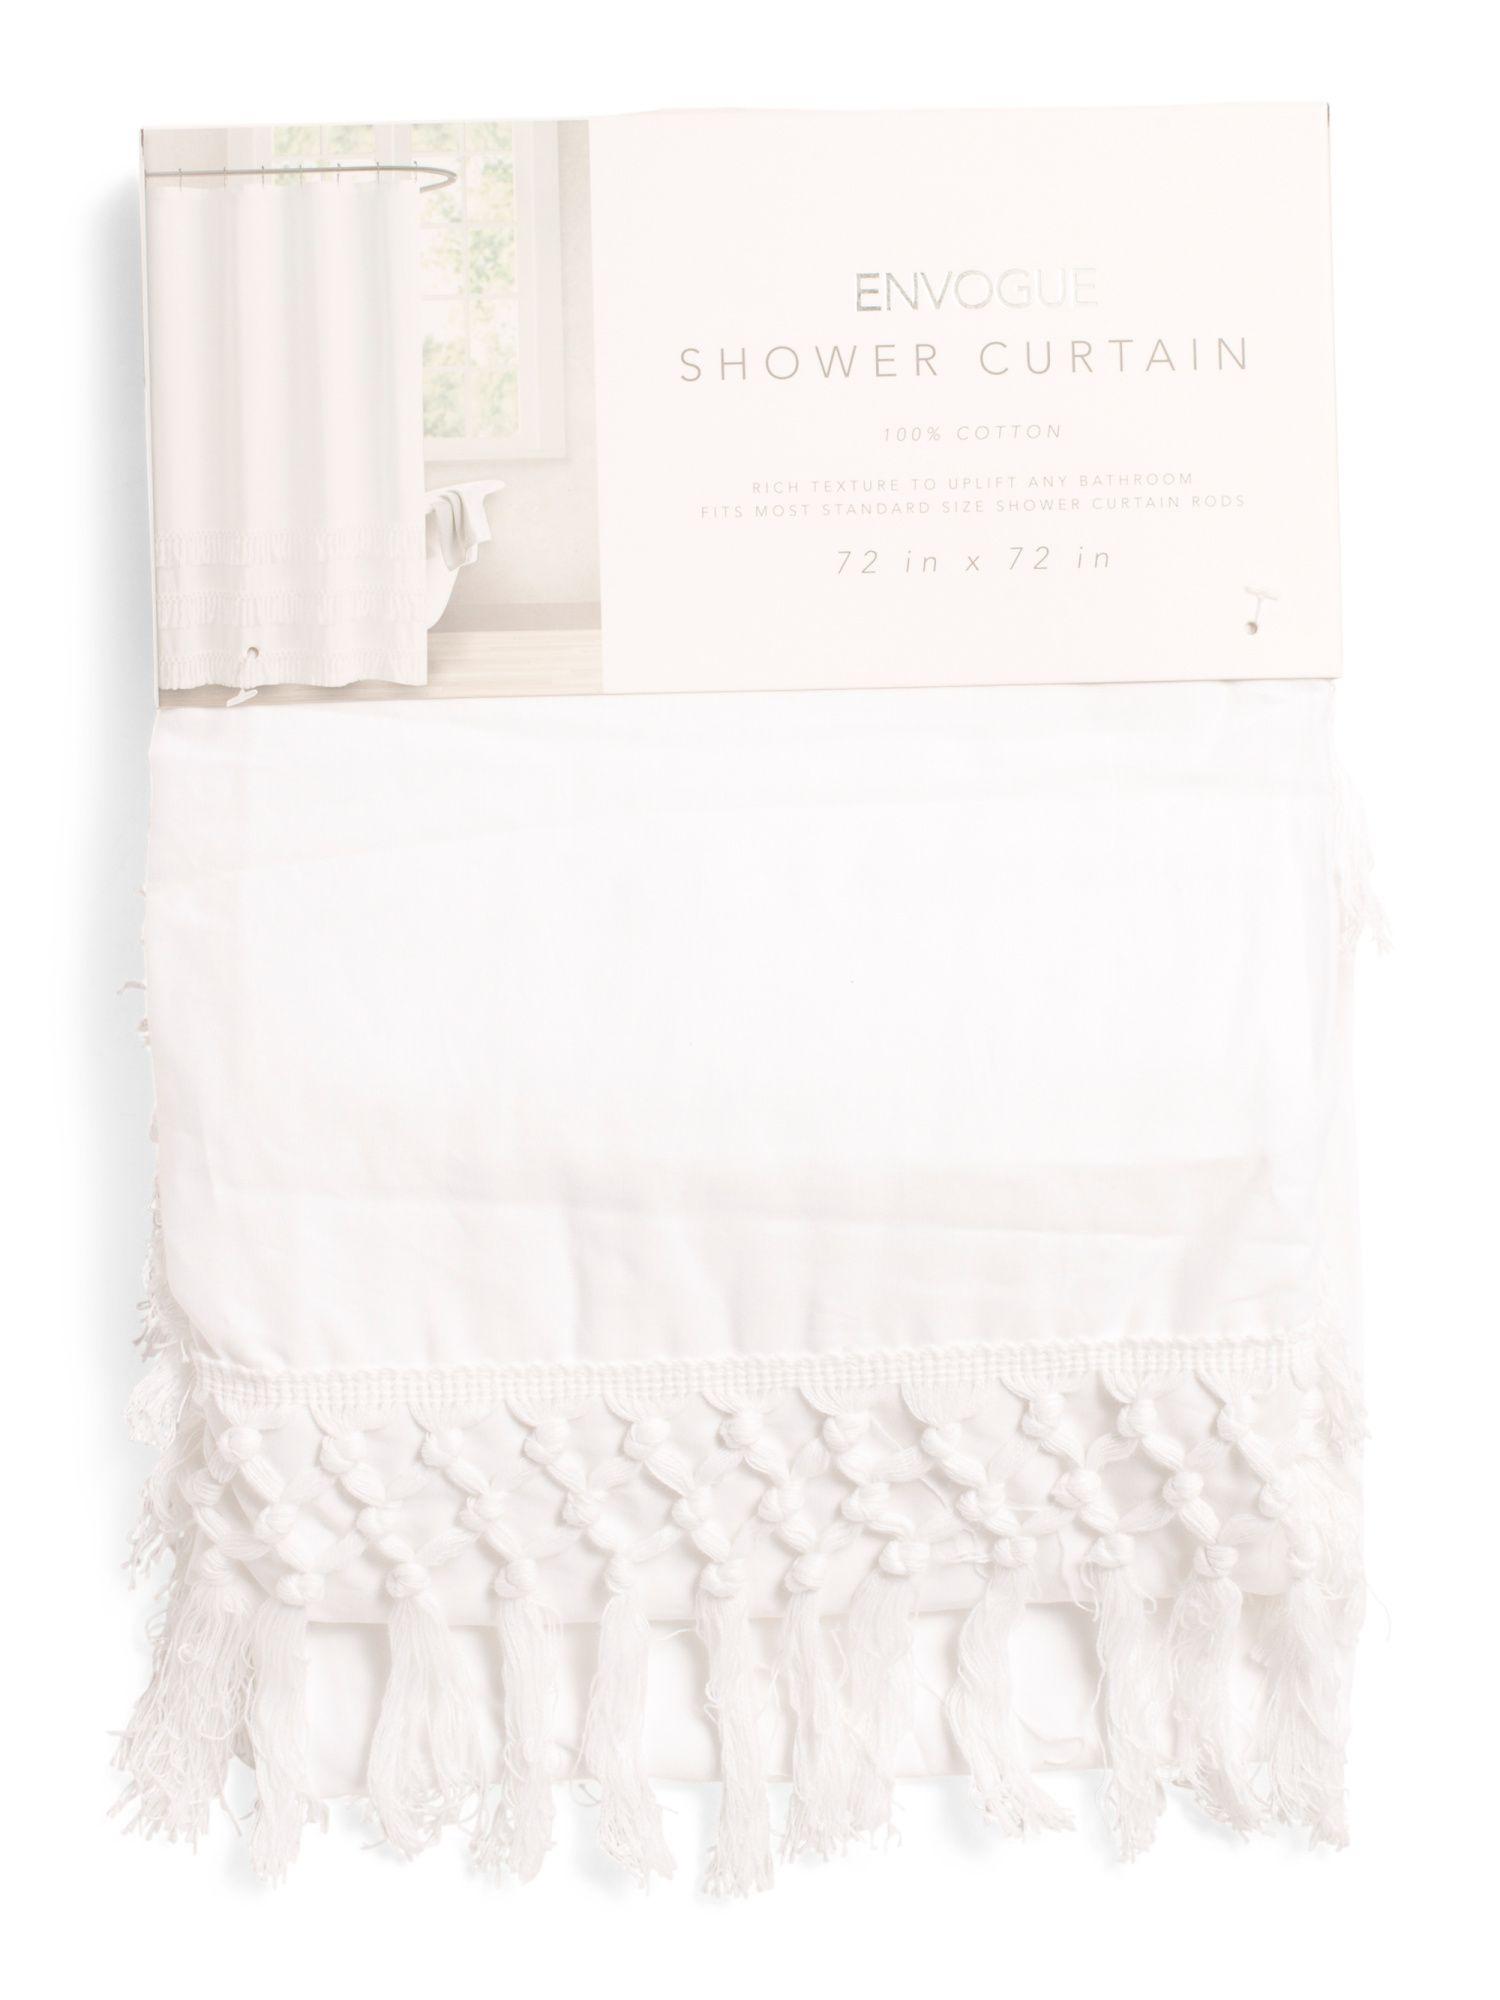 Washed Shower Curtain With Tassels Bath T J Maxx Tassel